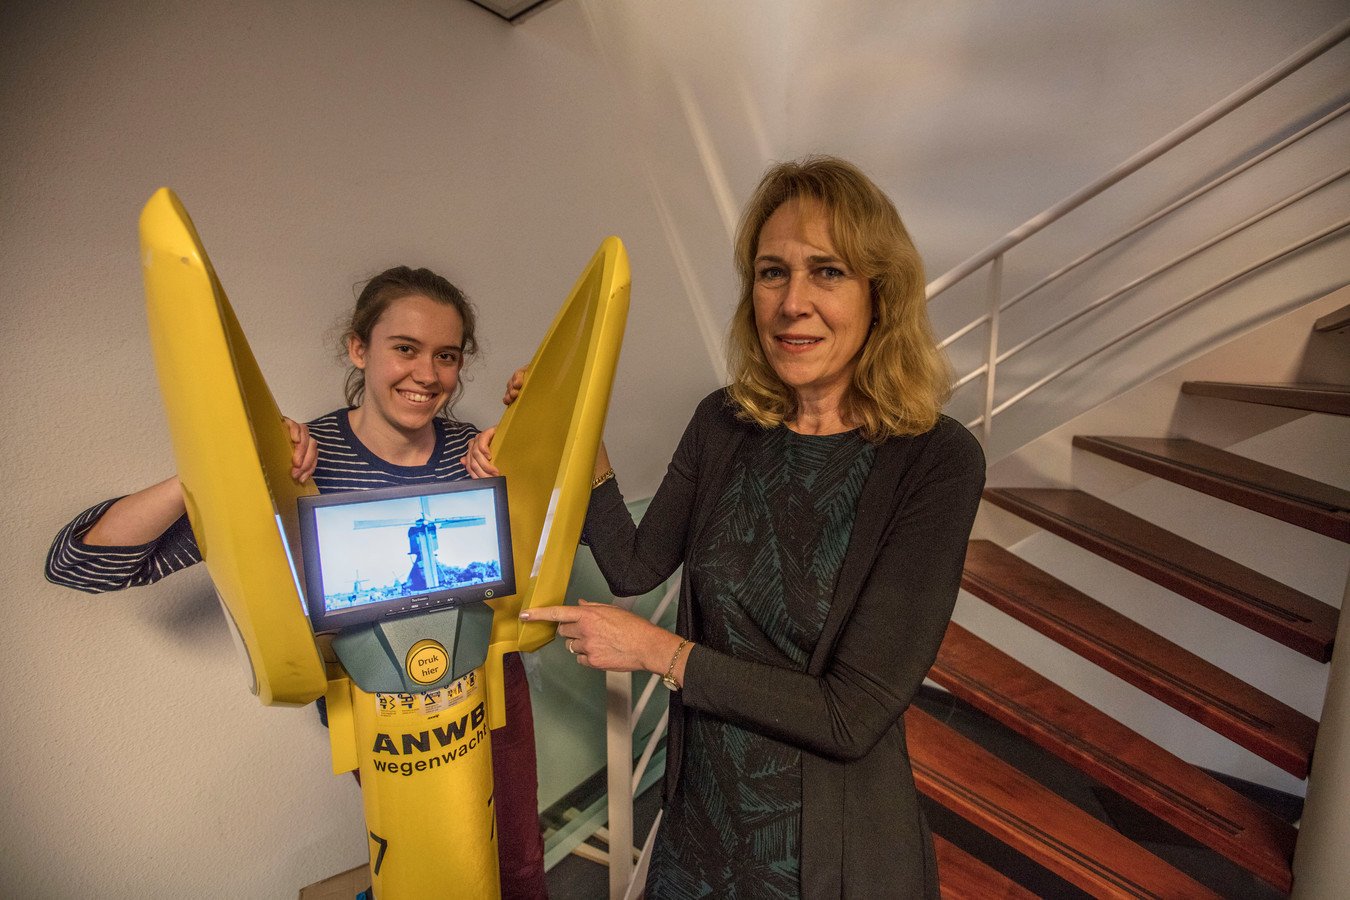 Studente Veerle van Engen (links) en Carla Scholten (Embedded Fitness) bij de terug-in-de-tijd-paal.